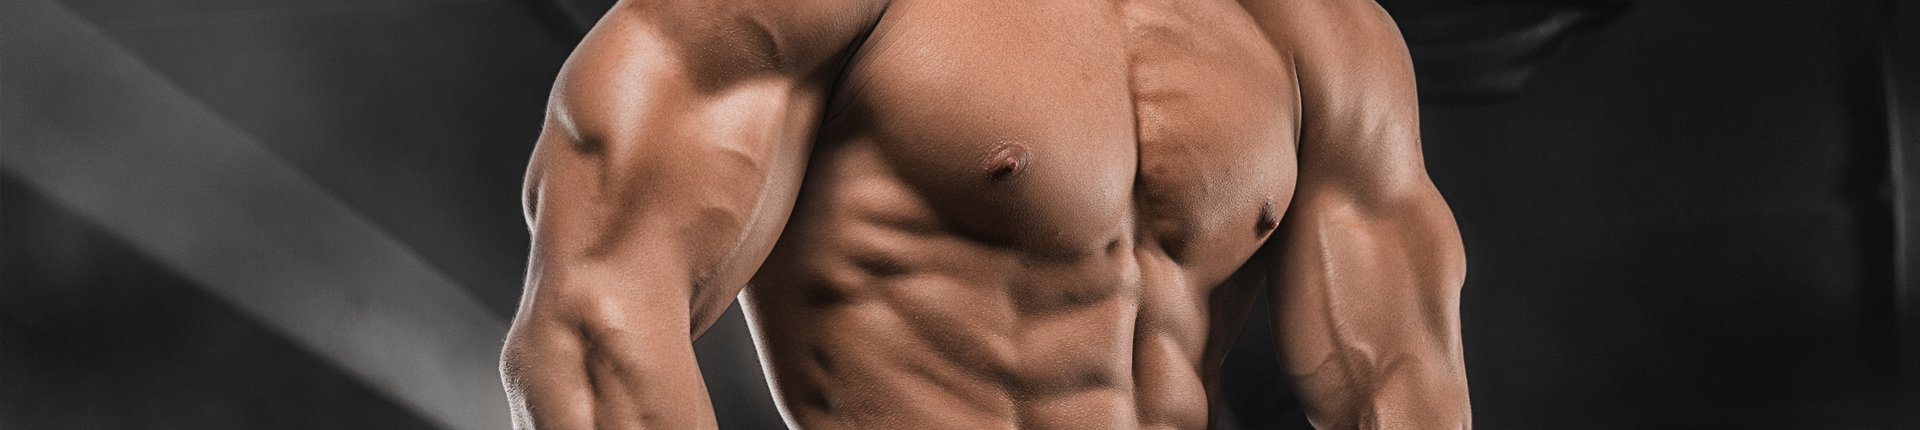 Środek klatki piersiowej, jak go rozbudować?